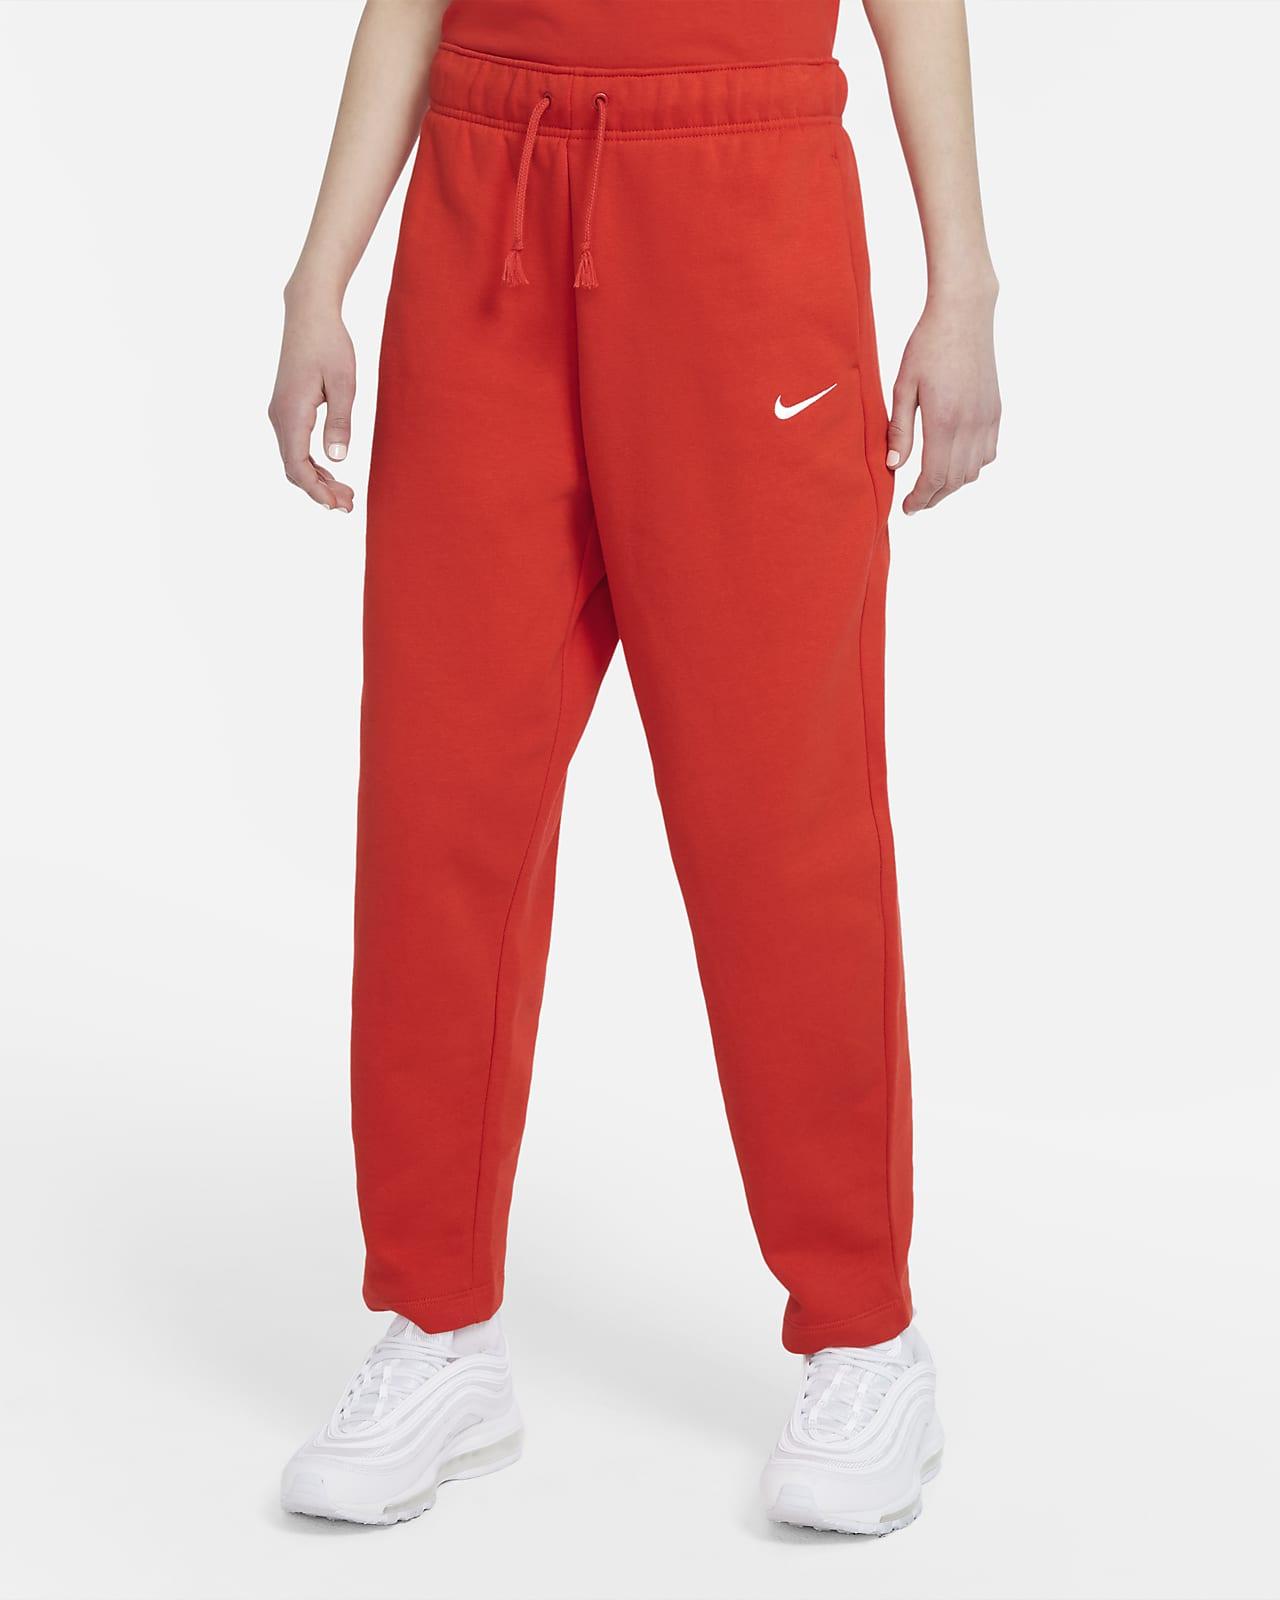 Nike Sportswear Collection Essentials Fleece Kavisli Kadın Eşofman Altı